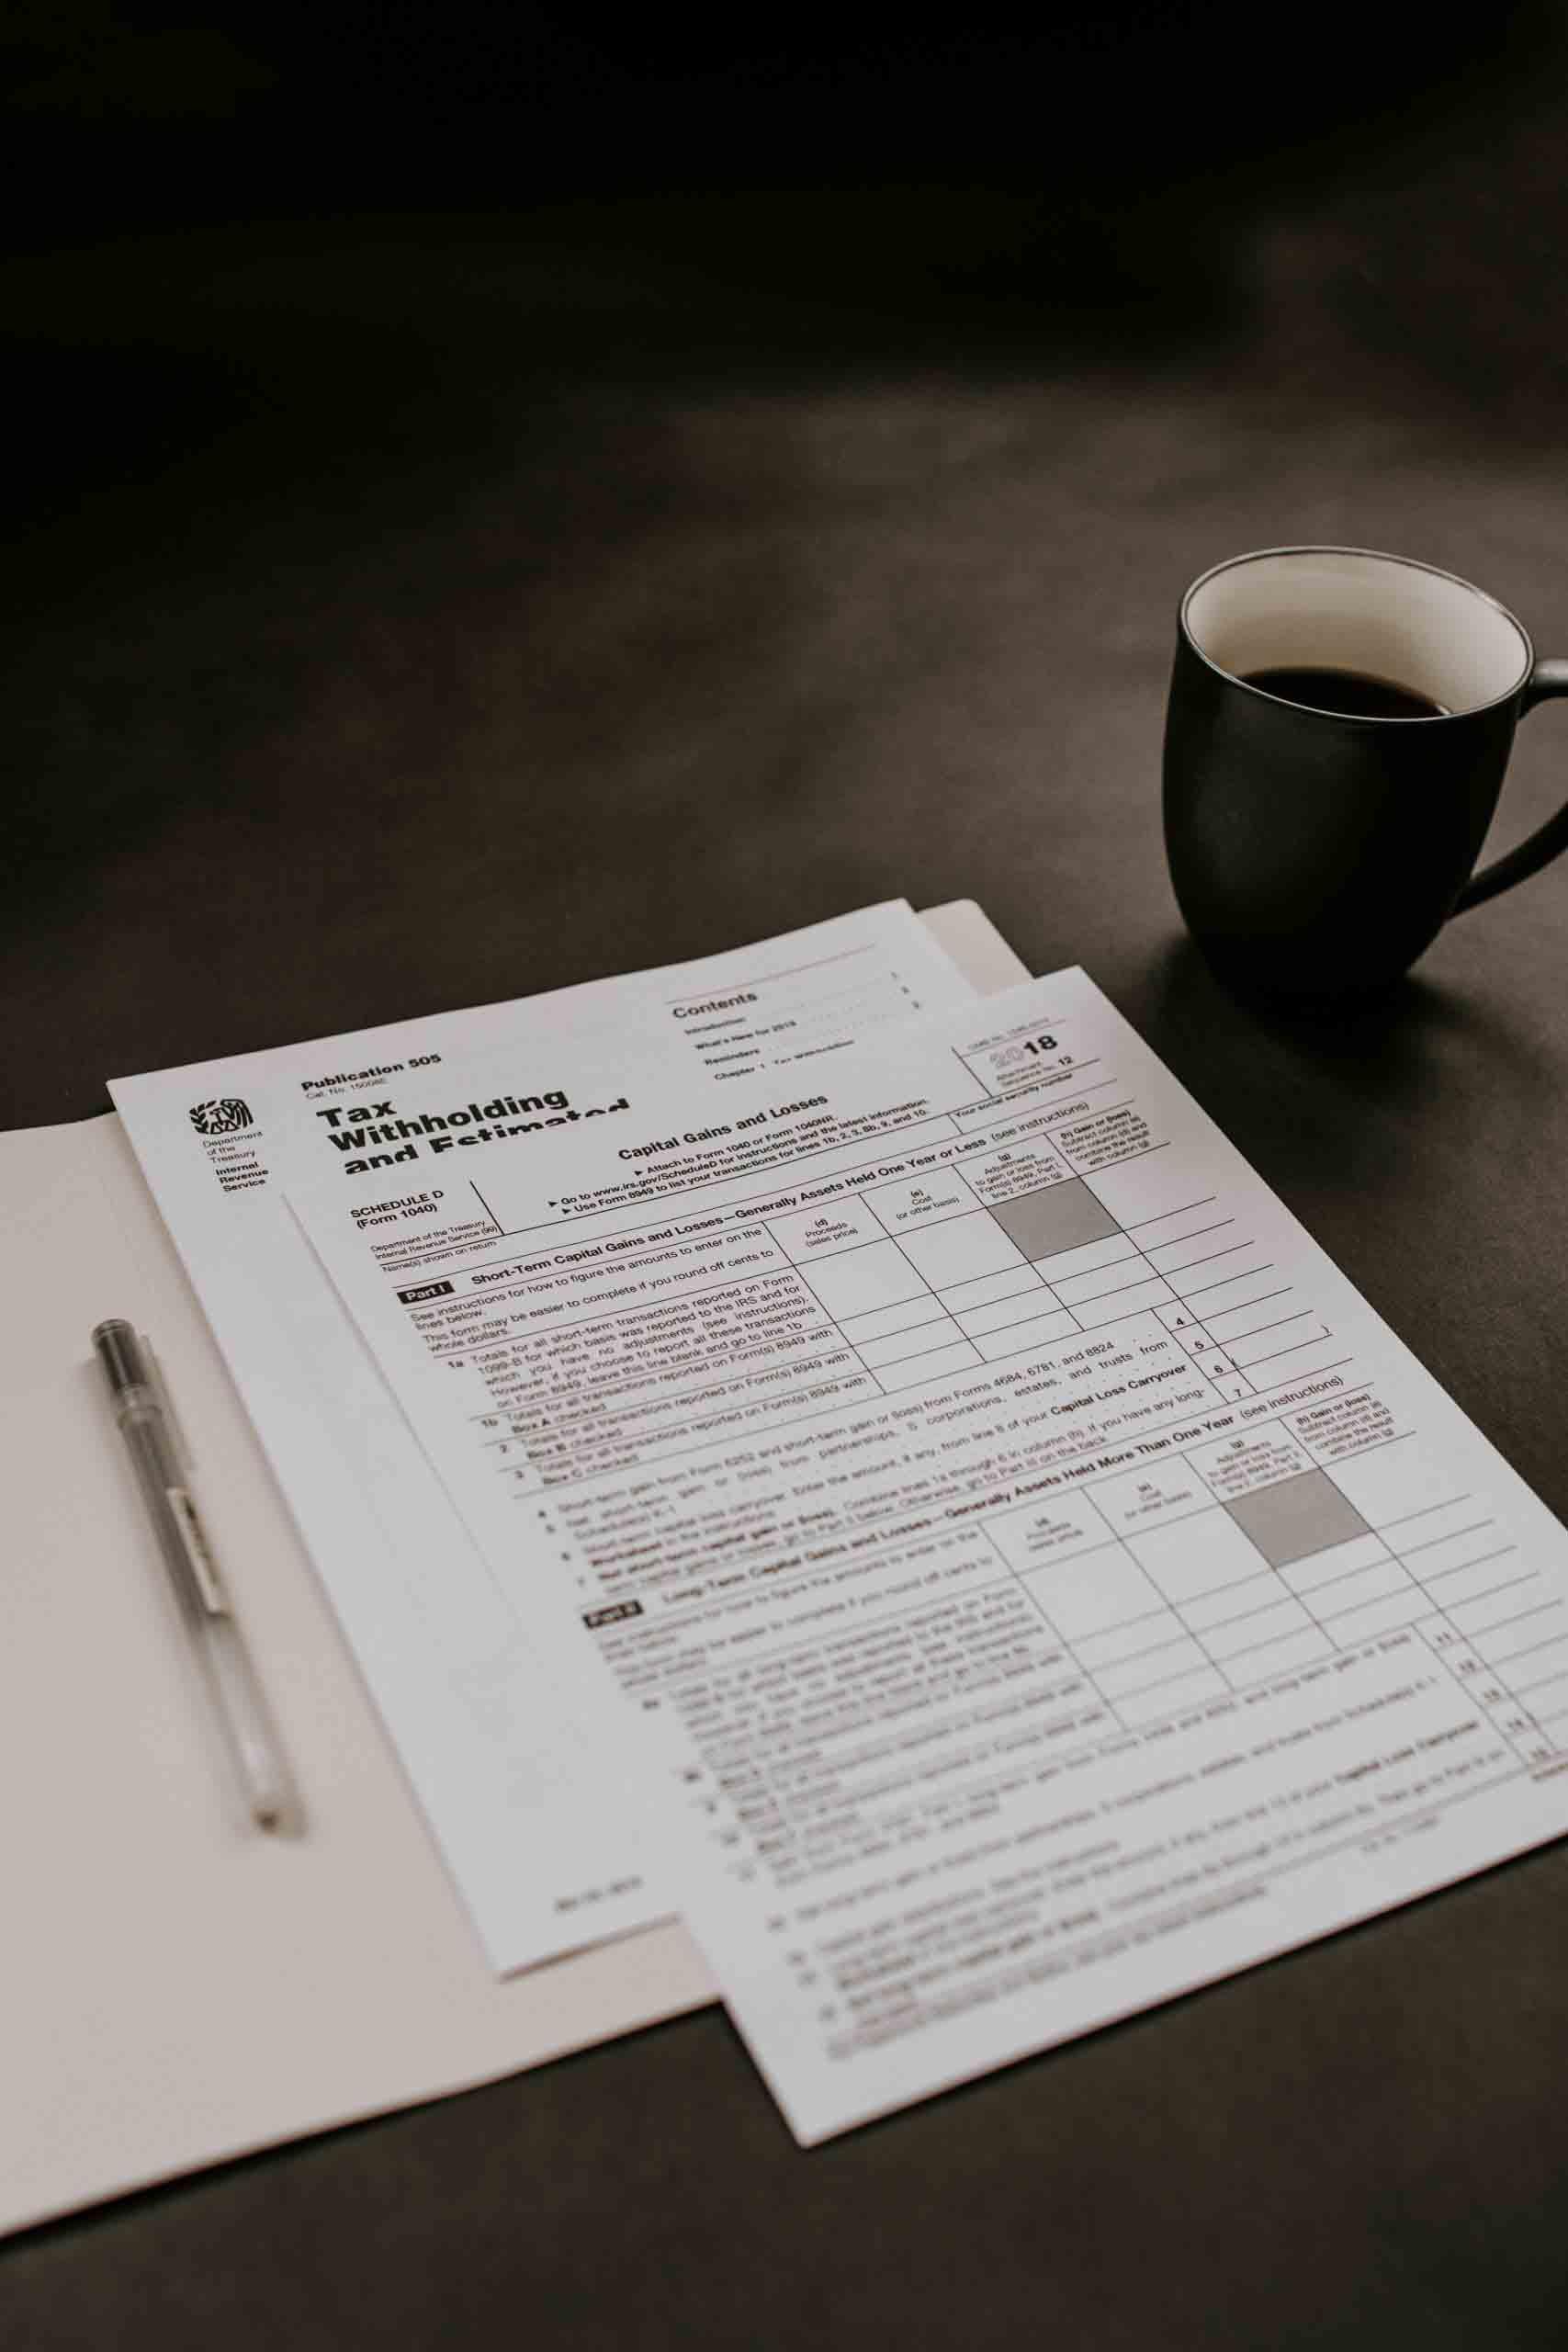 Verslo apskaitos sprendimai, UAB | vasprendimai.com | Verslo apskaita